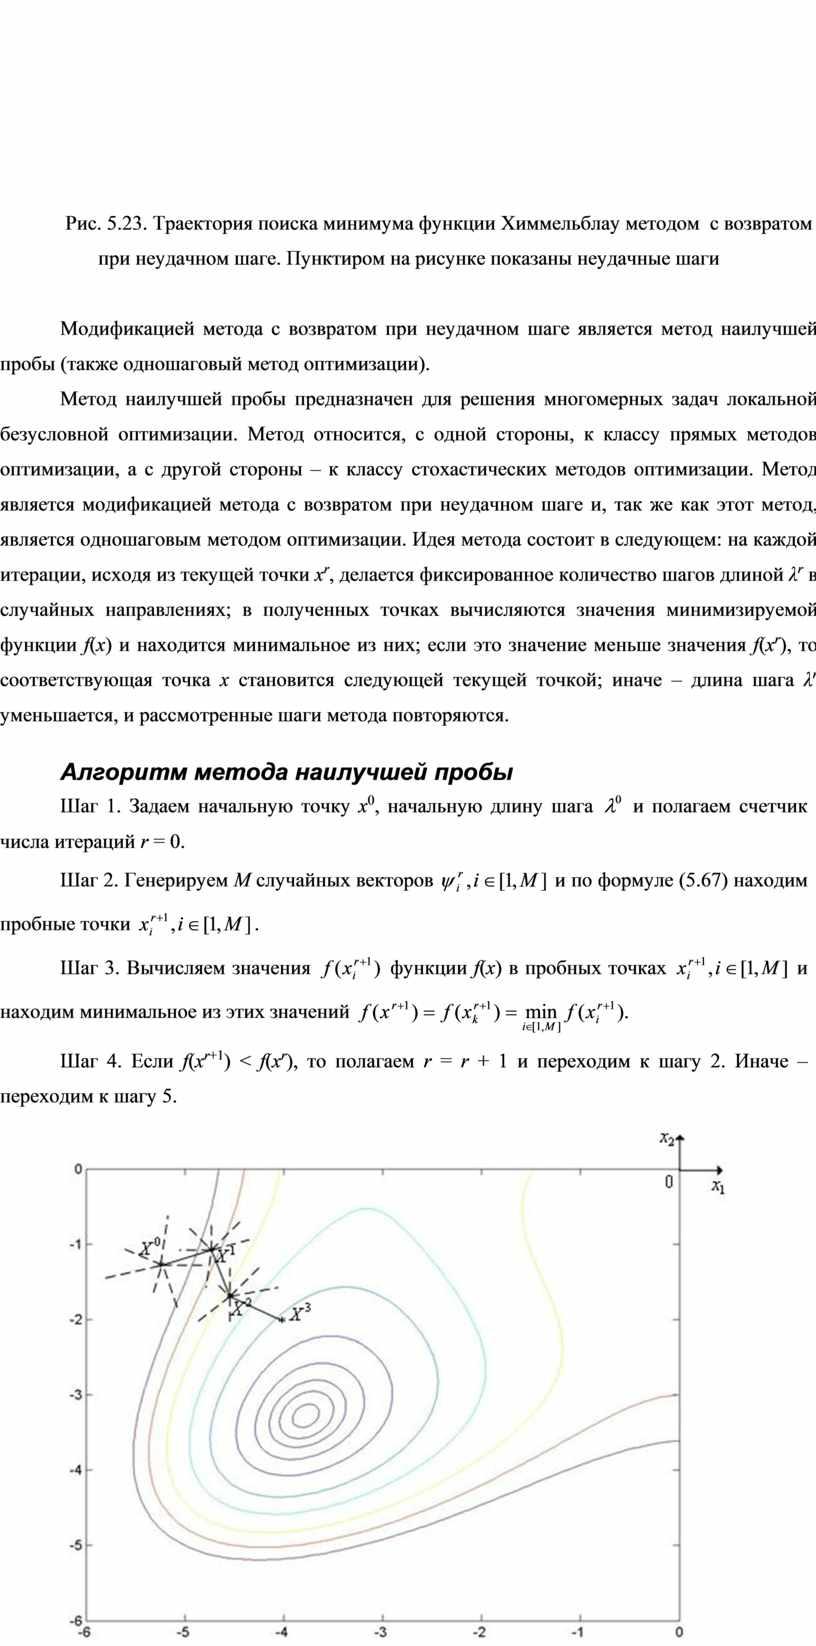 Рис. 5.23. Траектория поиска минимума функции